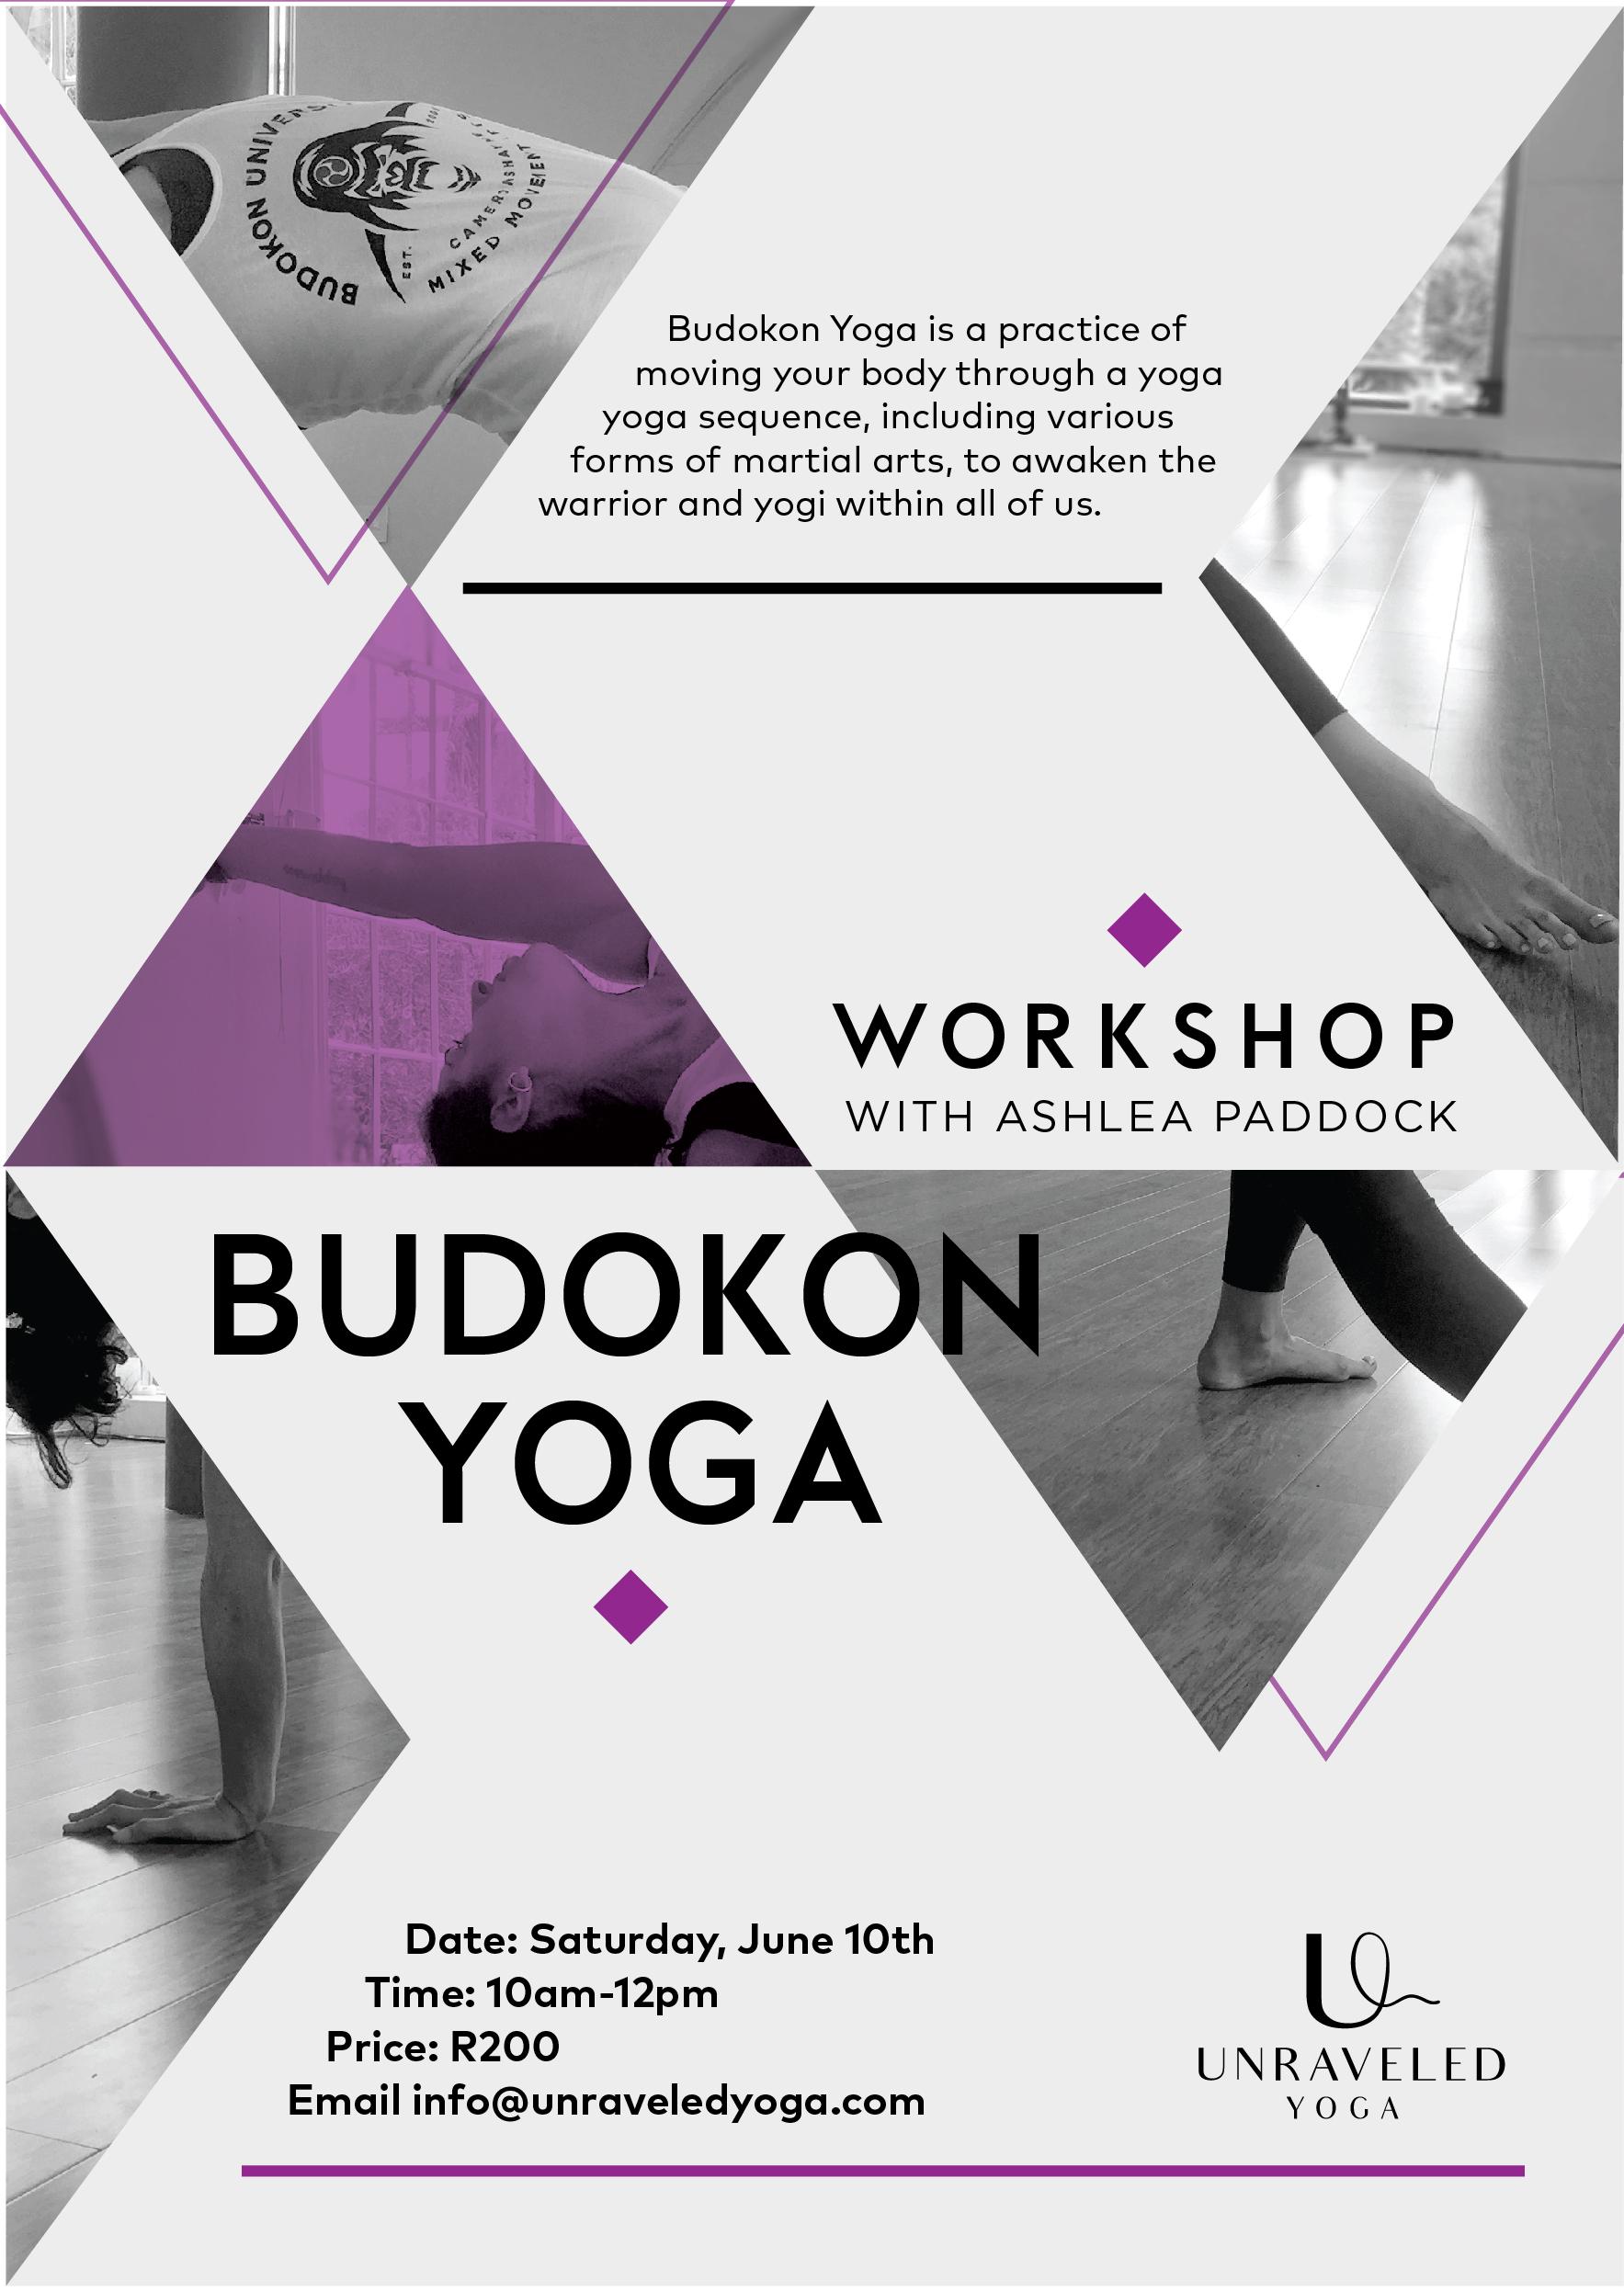 Cape Town Yoga Budokon Yoga